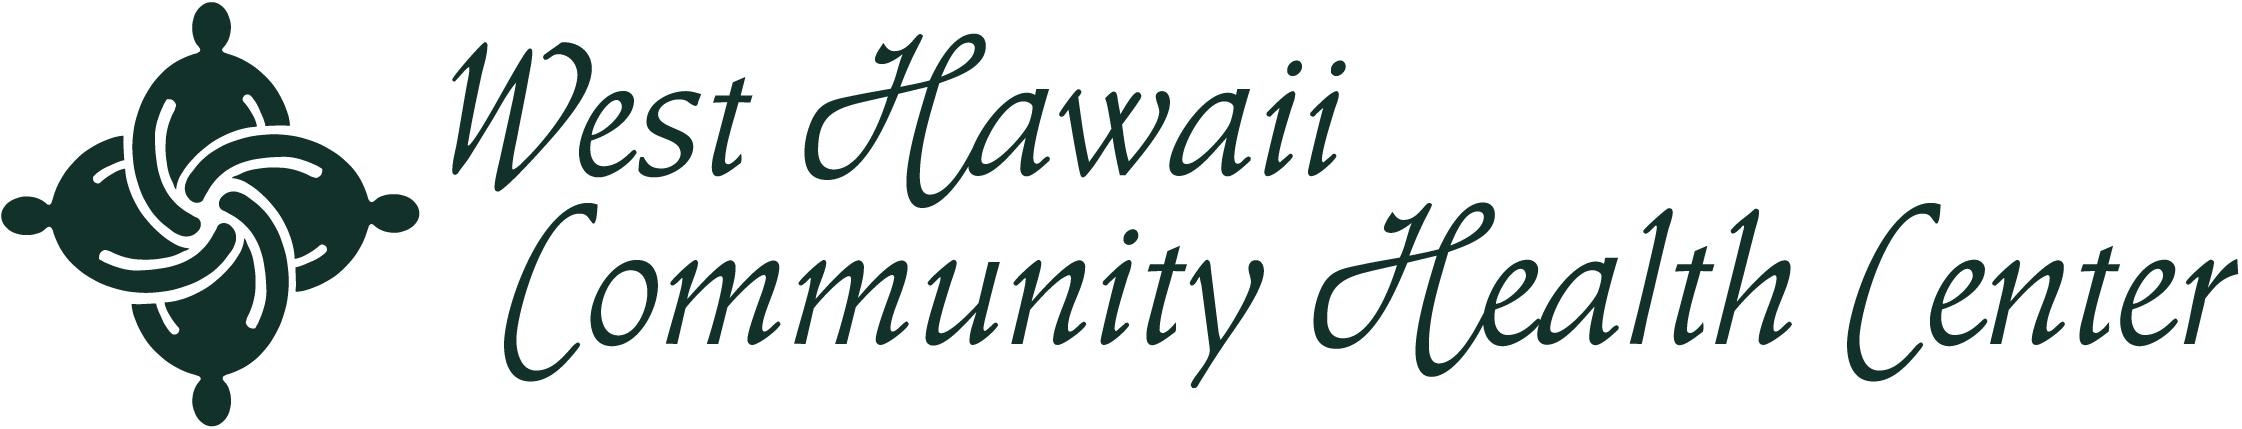 WHCHC_Logo_green.jpg